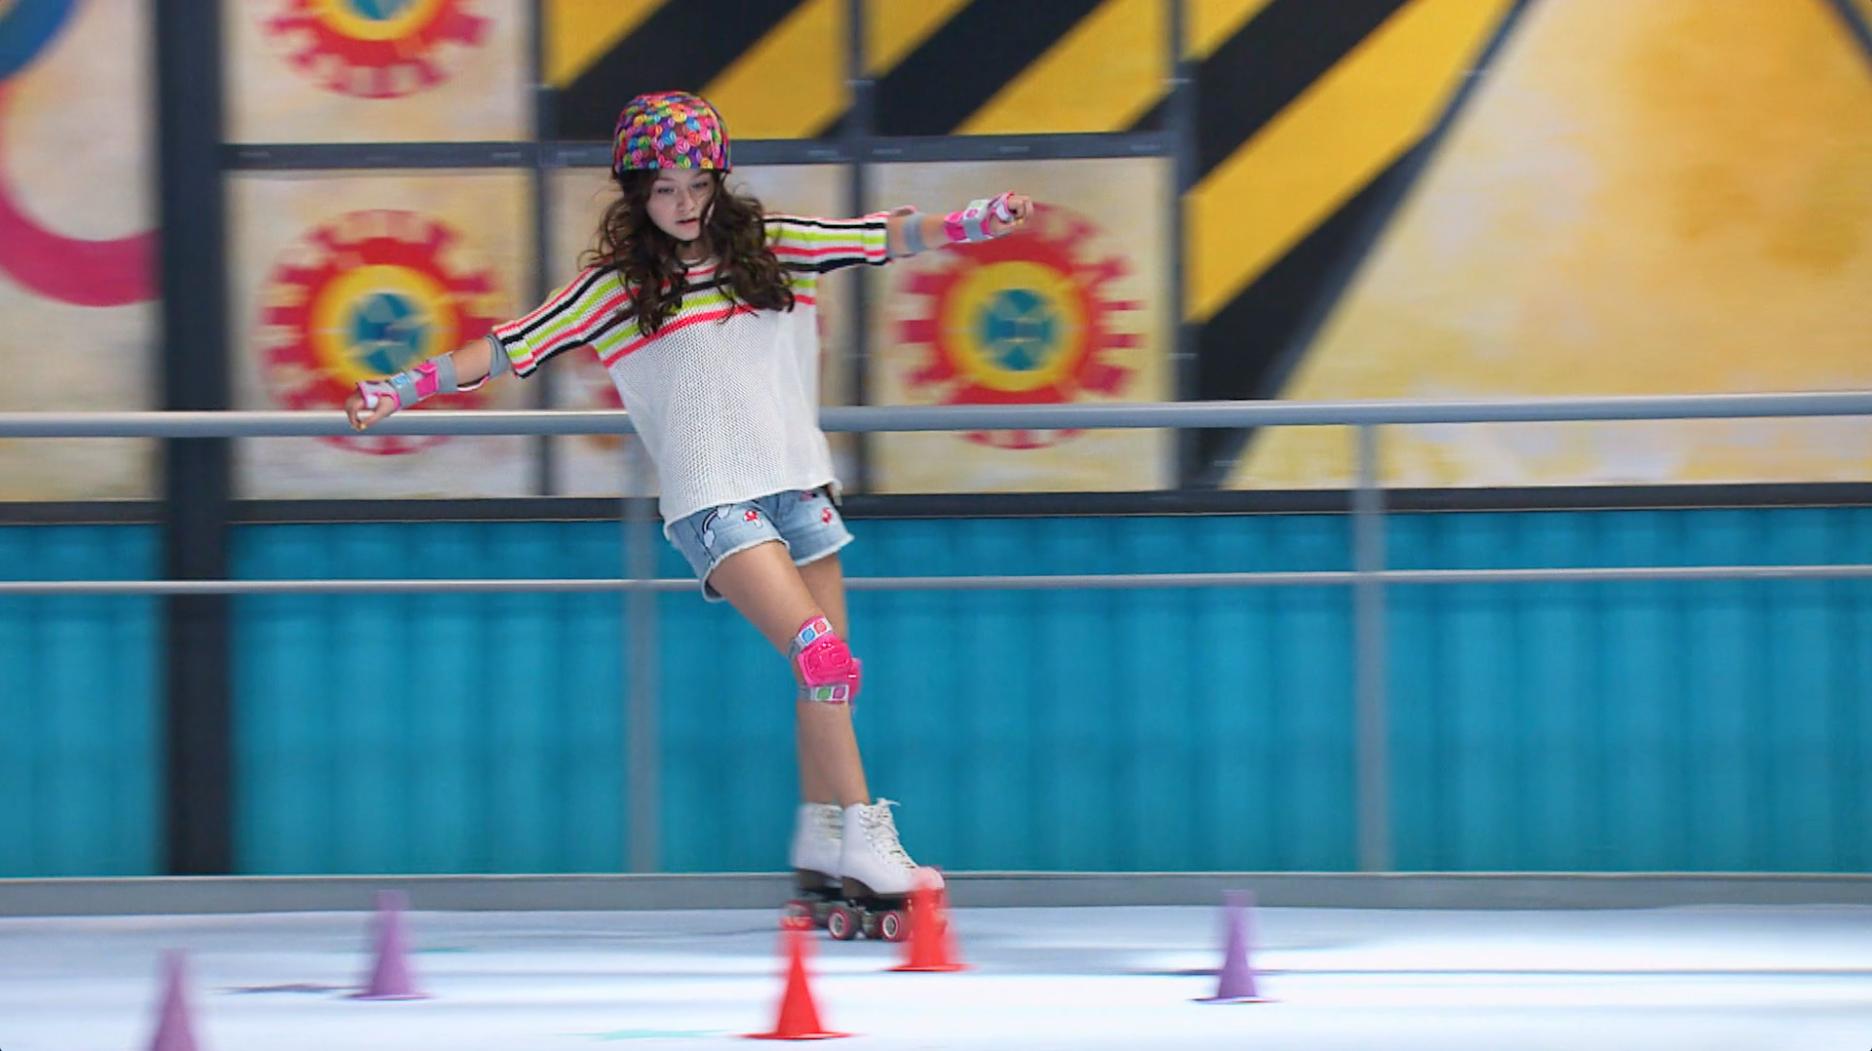 Fotos de patines rollers 14